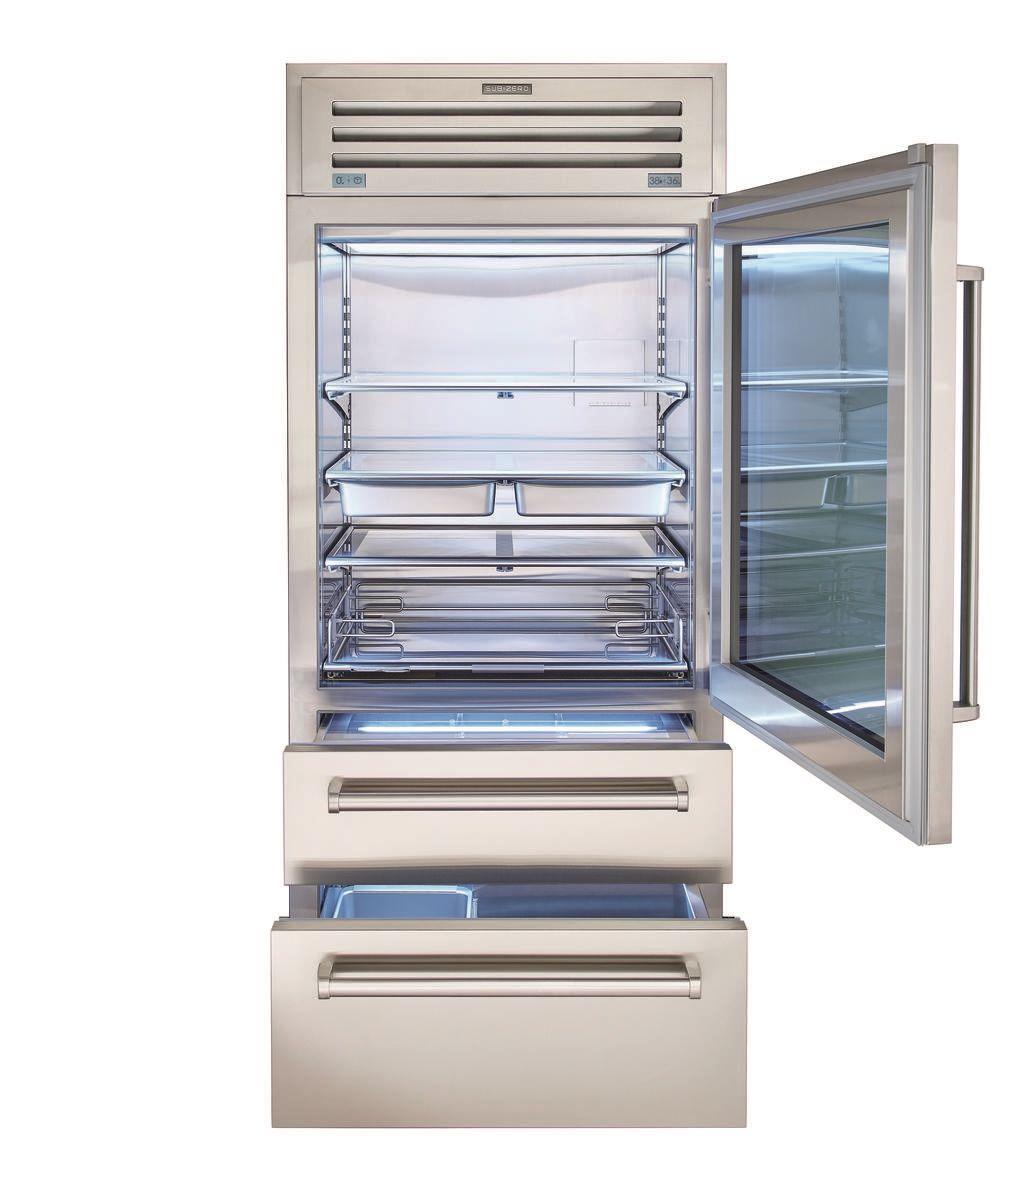 Sub Zero 36 Pro Refrigerator Freezer With Glass Door Pro3650g Glass Door Refrigerator Refrigerator Freezer Glass Door